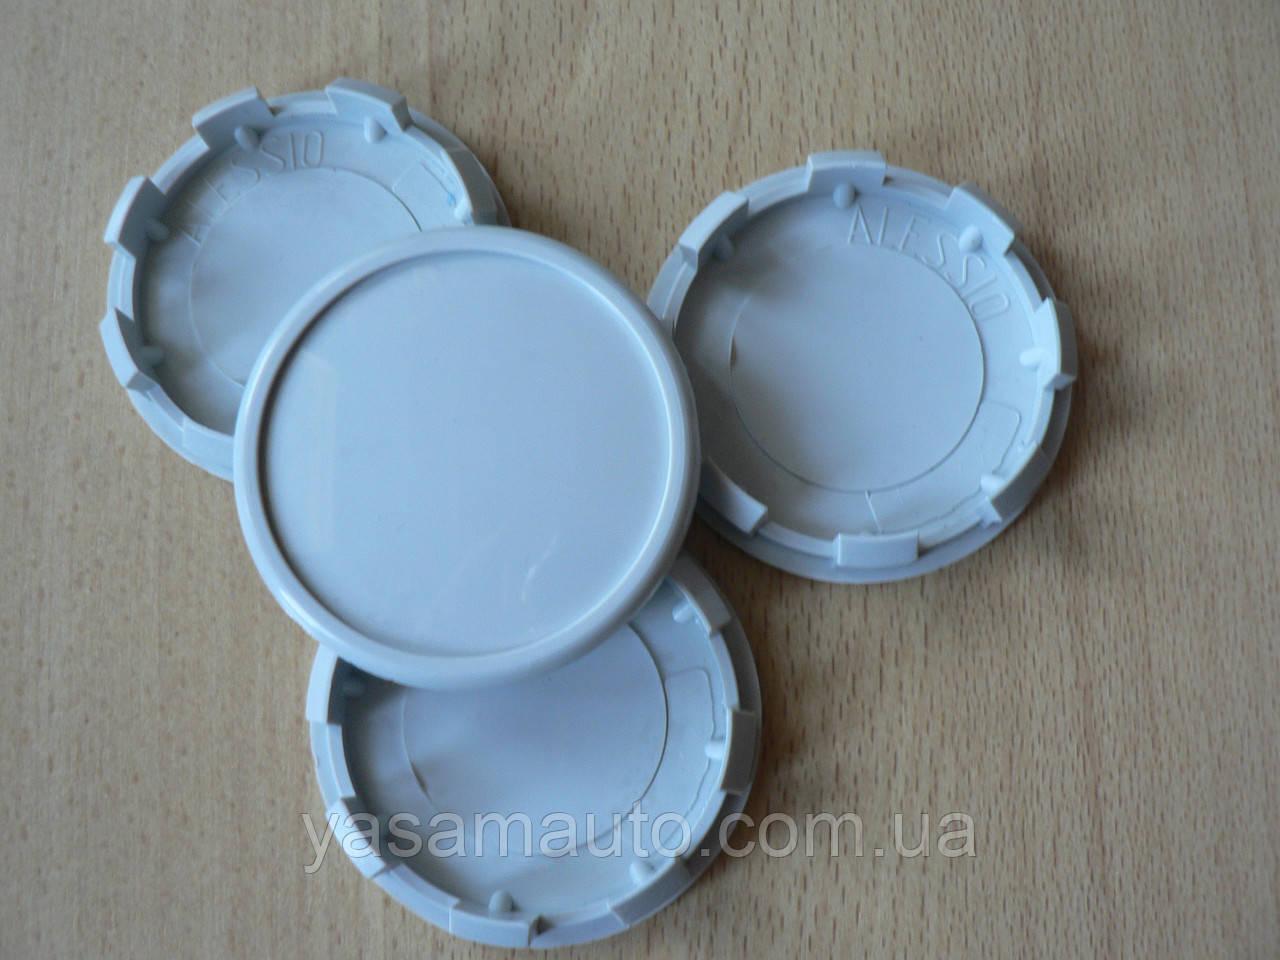 Колпачок серый  60,0/56,5/57,5мм 4шт вставка Alessio заглушка диаметры в на литой диск пластиковая 8 ножек №05